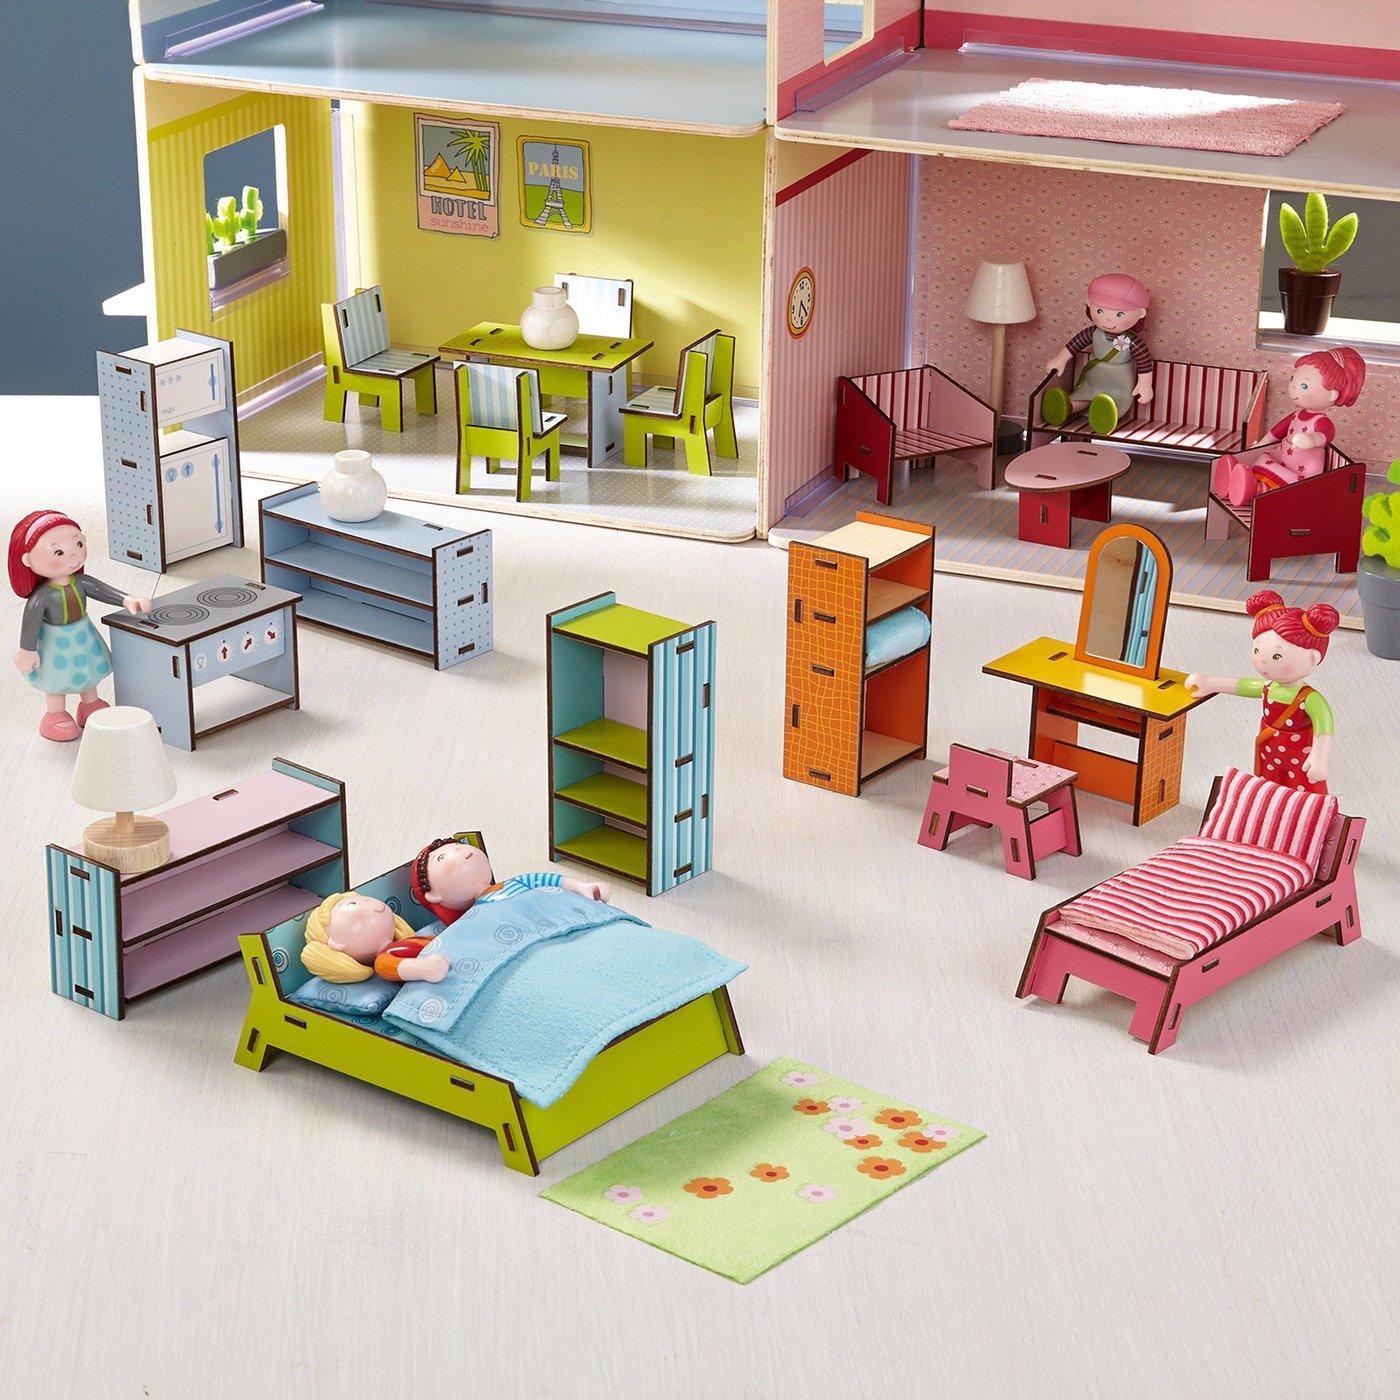 HABA 300511 – Little Friends – Puppenhaus-Möbel Villa Sonnenschein jetzt bestellen